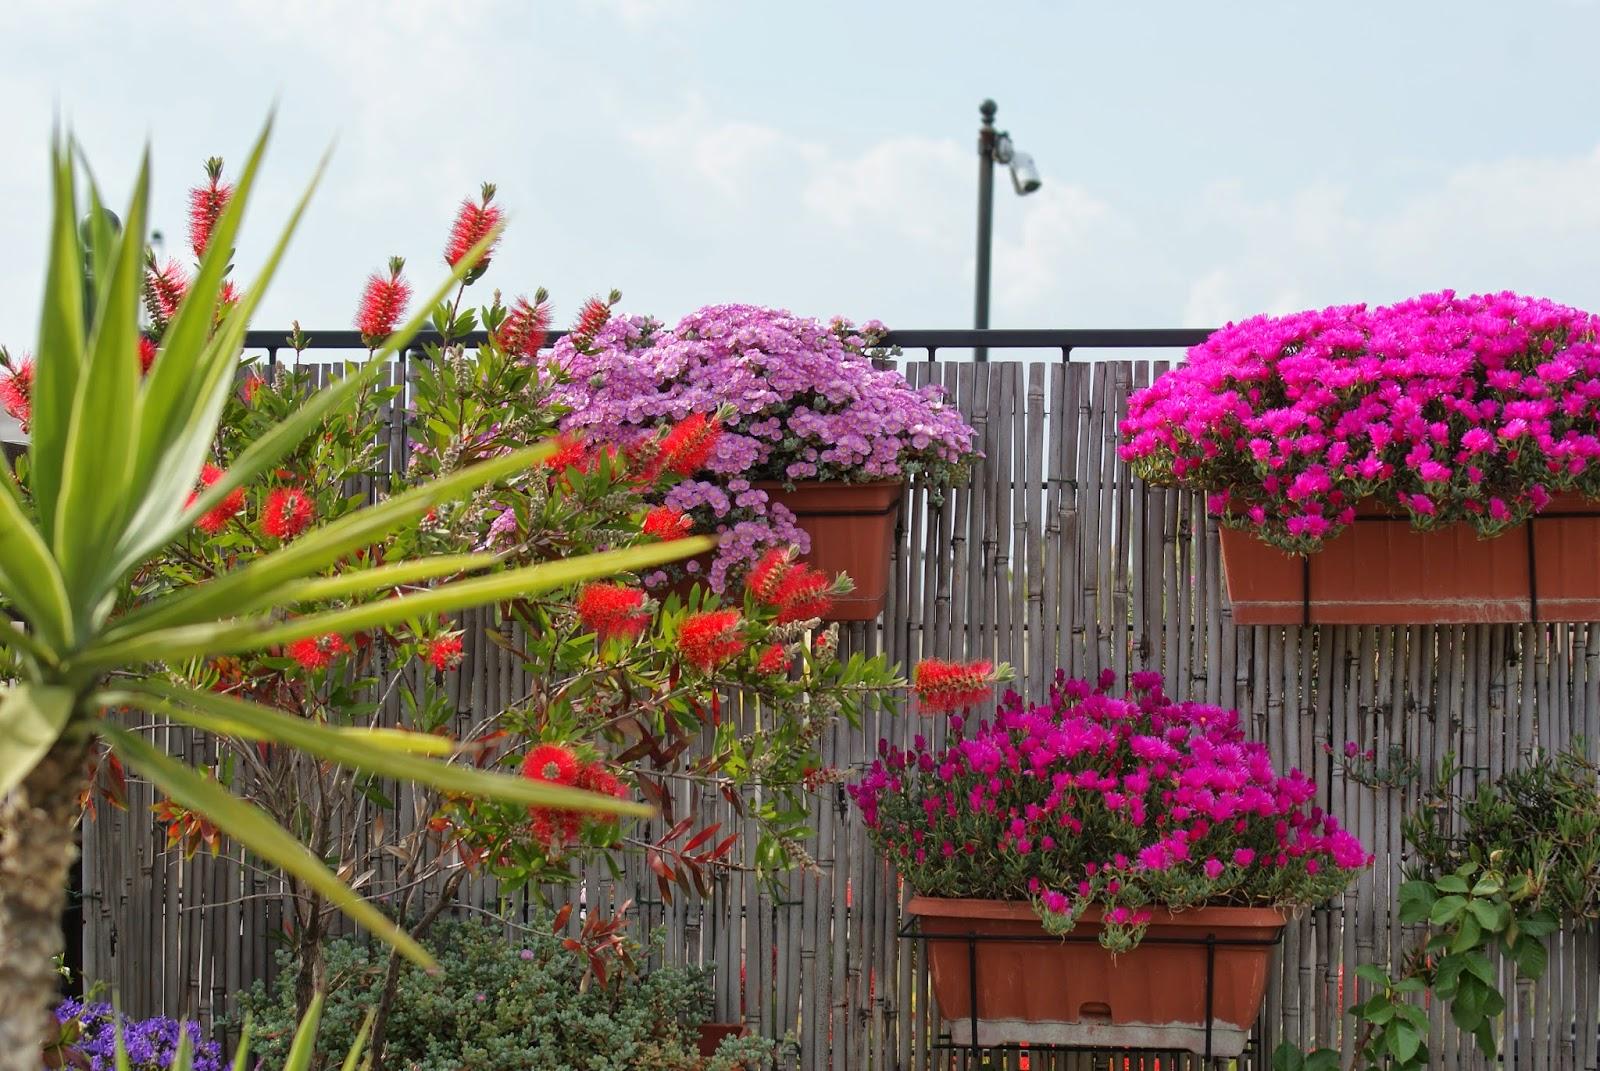 Il Blog di Mati: Una terrazza in fiore